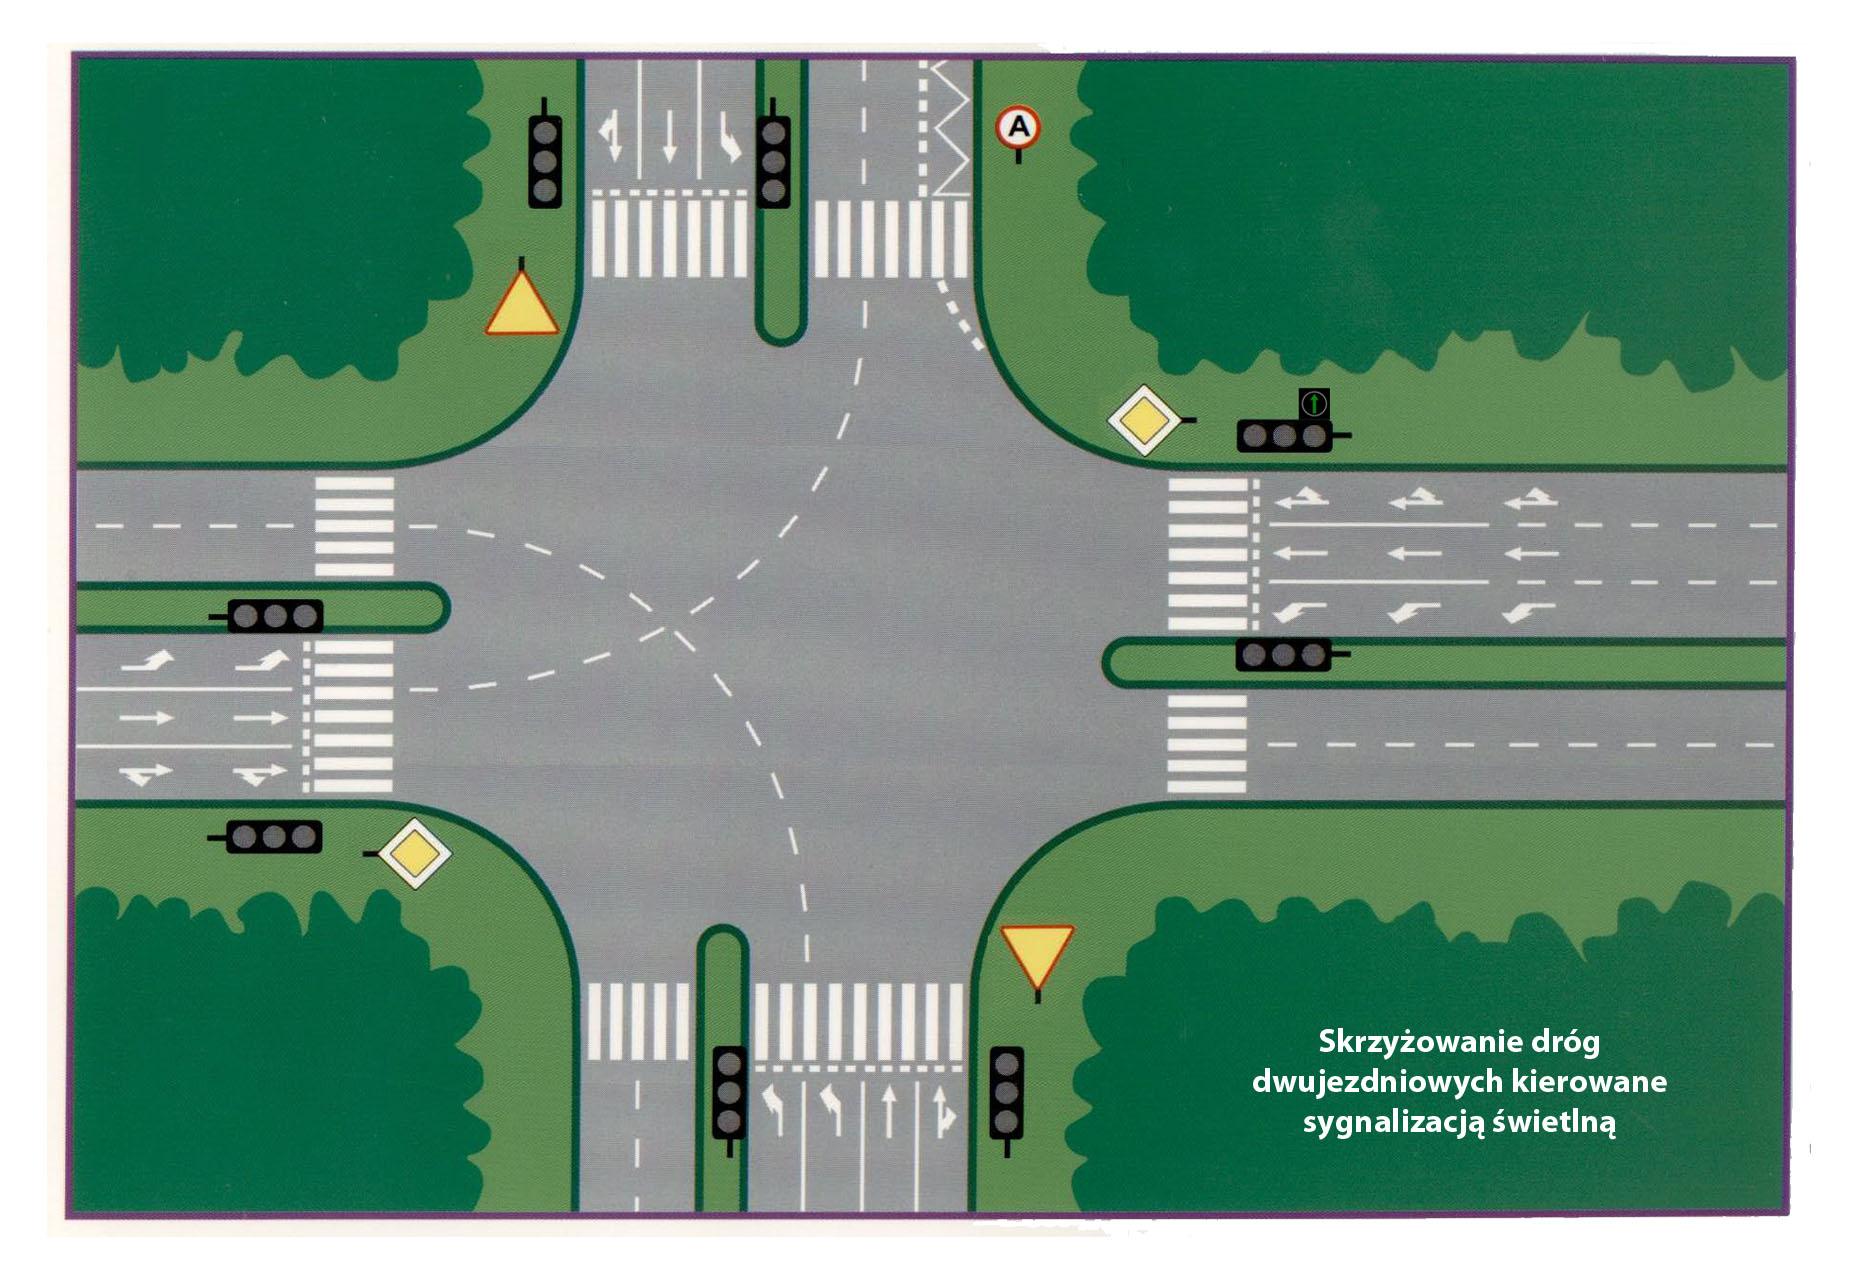 skrzyzowanie dróg dwu ze światłami